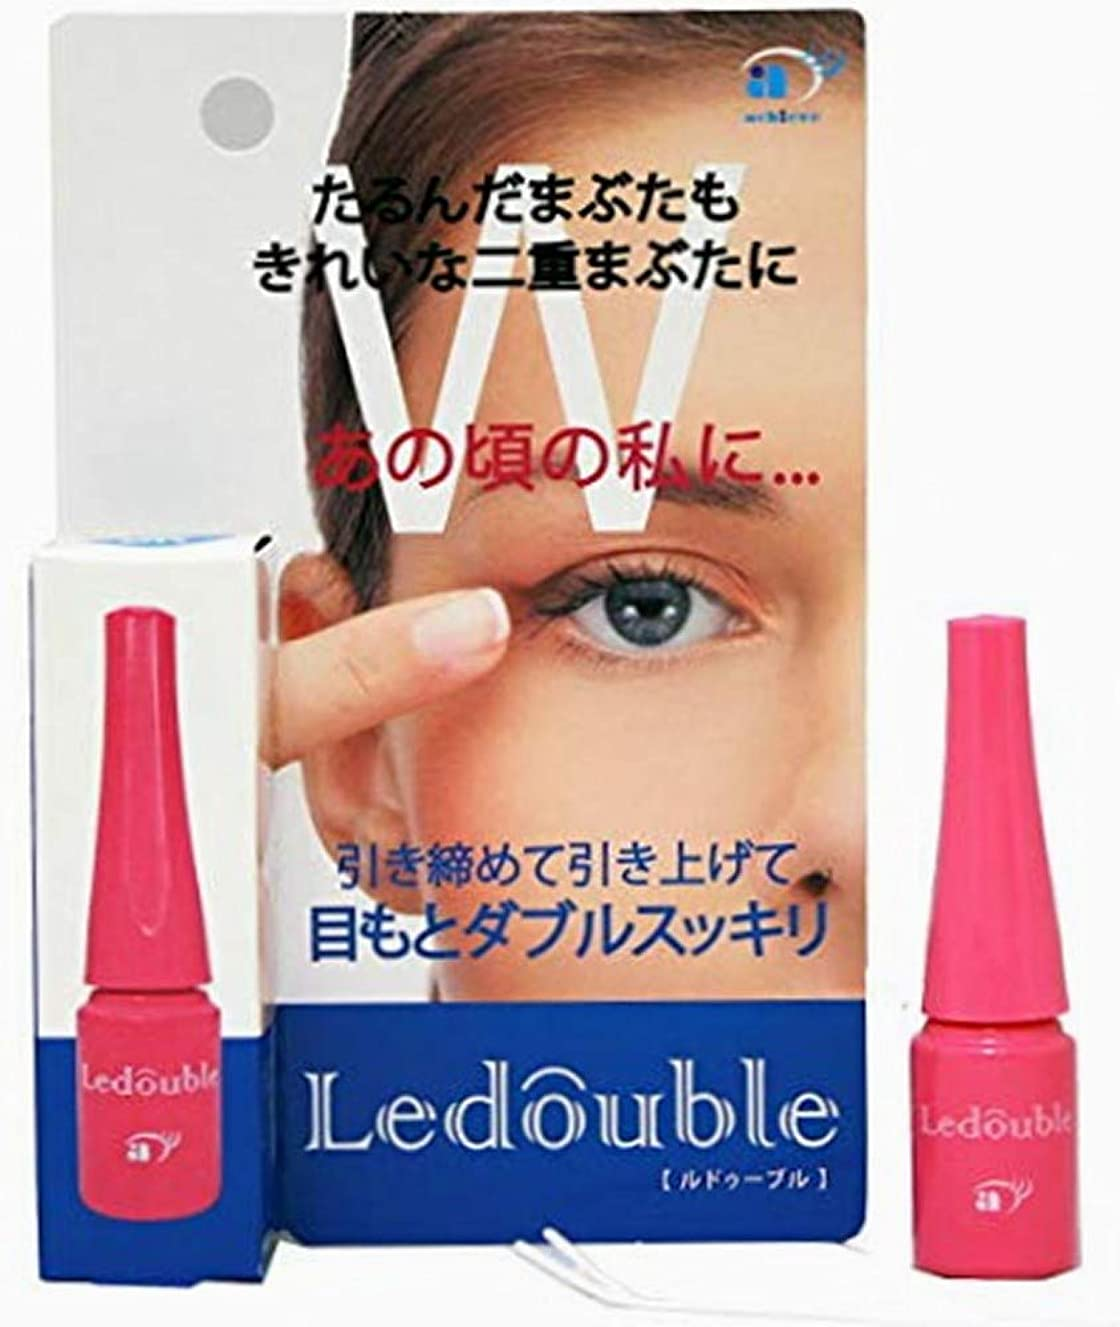 矩形ビュッフェ称賛大人のLedouble 大人のルドゥーブル 二重まぶた化粧品 2mL